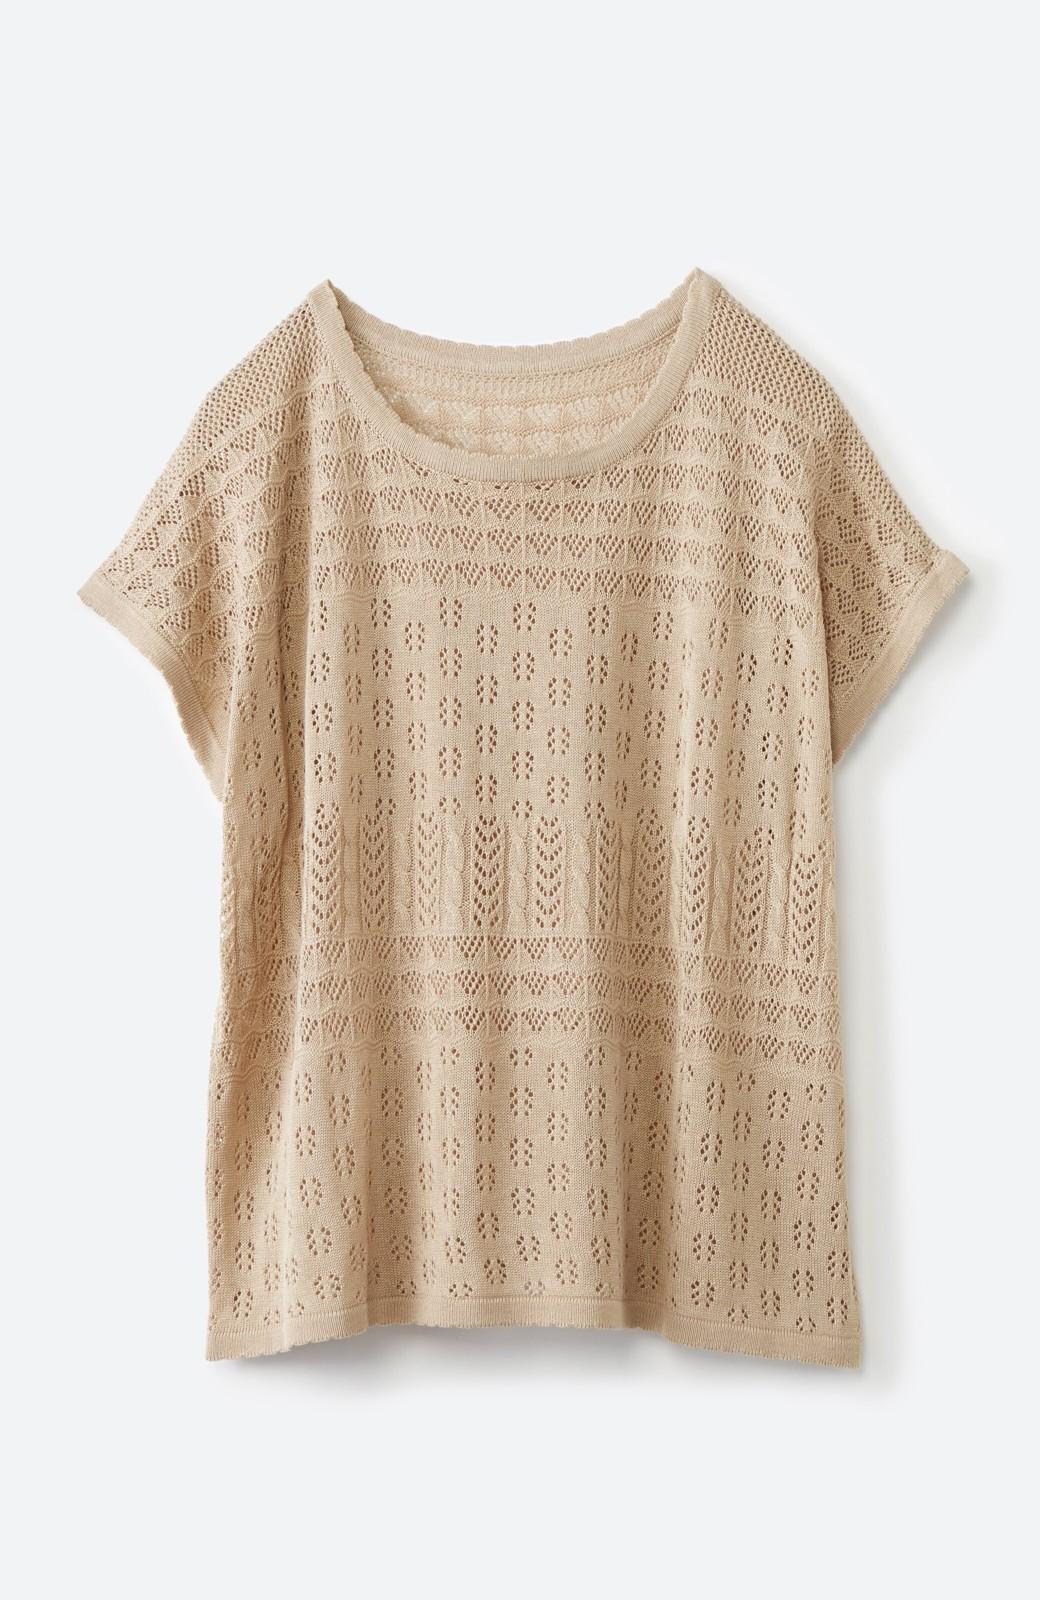 haco! 1枚でも重ね着にも便利なヘビロテしたくなる透かし編みニットトップス <ライトブラウン>の商品写真13